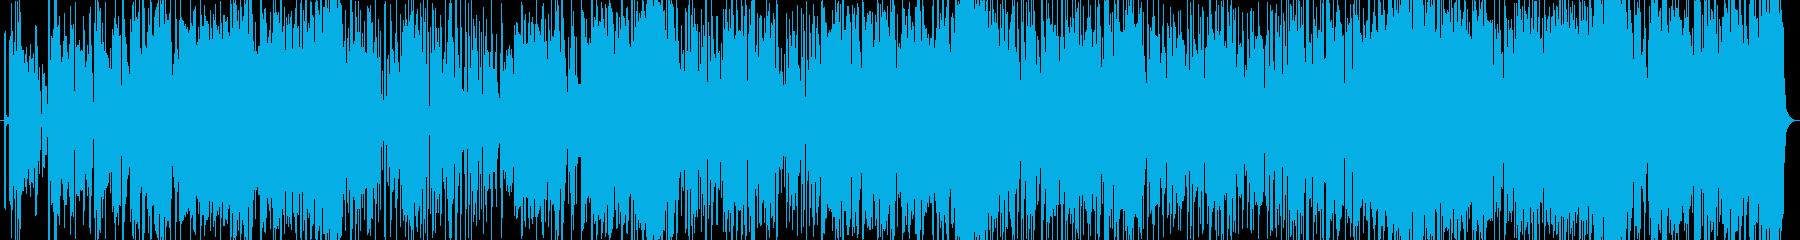 紅海の再生済みの波形